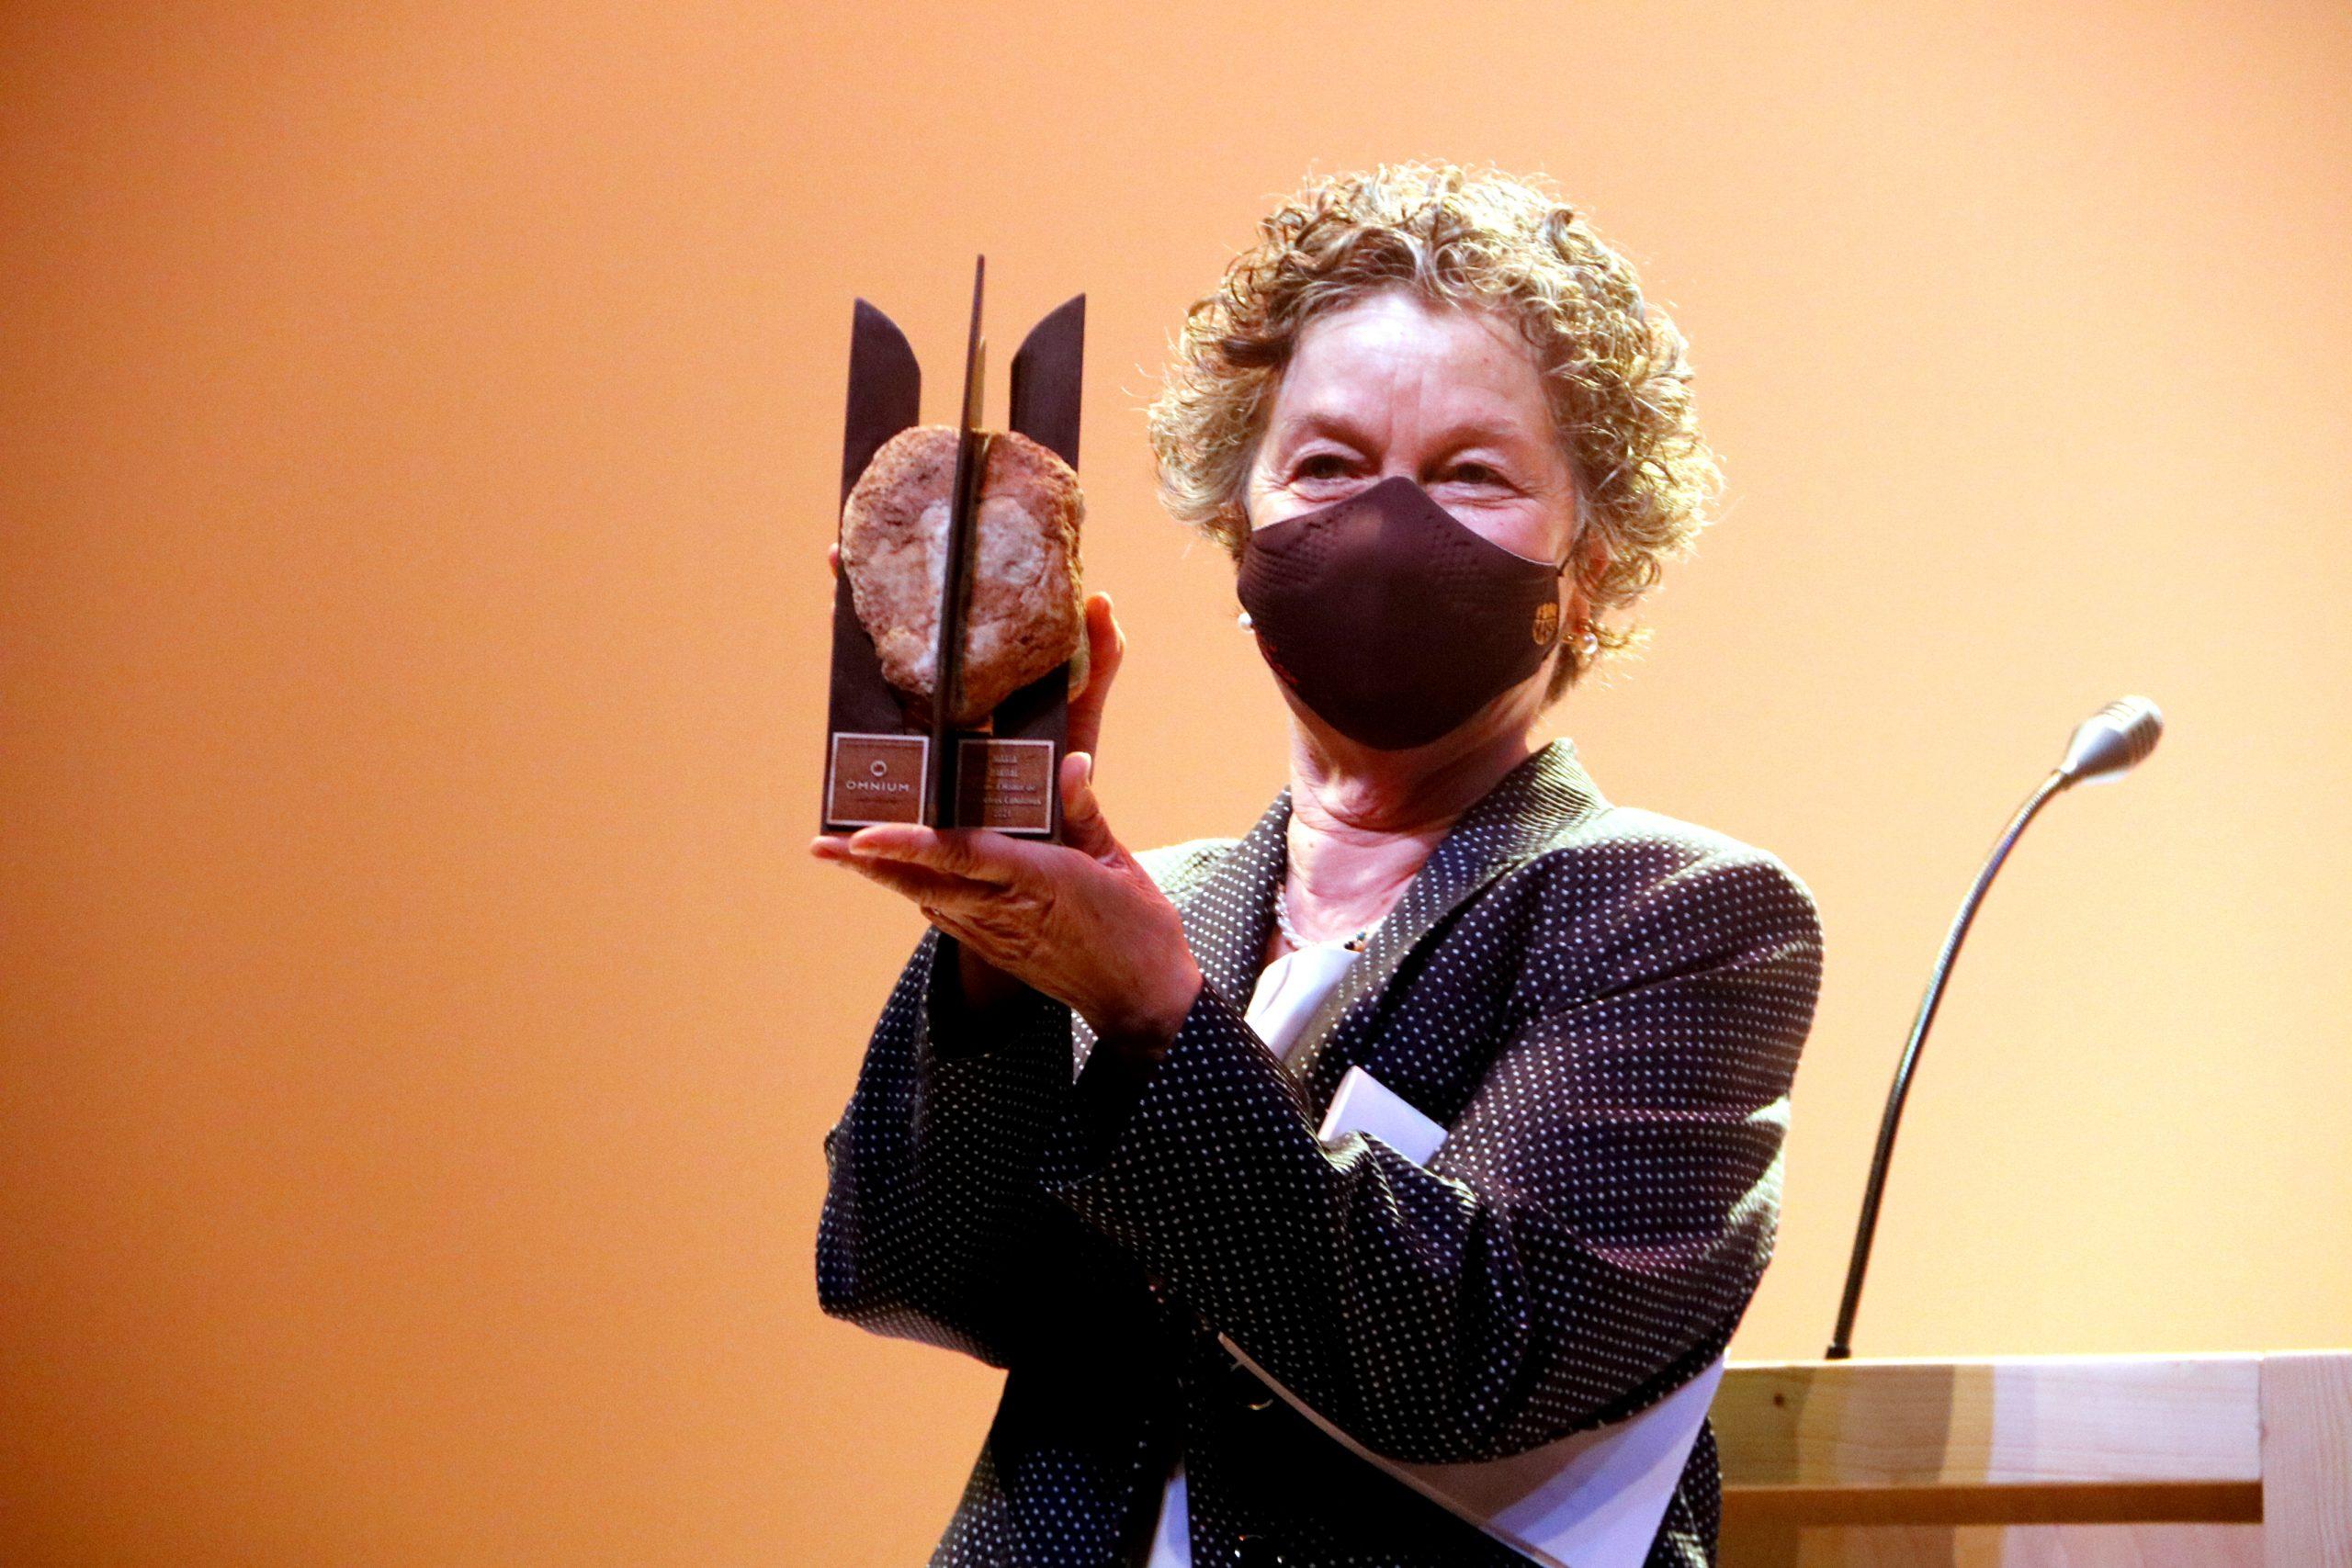 L'escriptora Maria Barbal amb el 53è Premi d'Honor de les Lletres Catalanes. Imatge del 10 de juny del 2021. (Horitzontal)